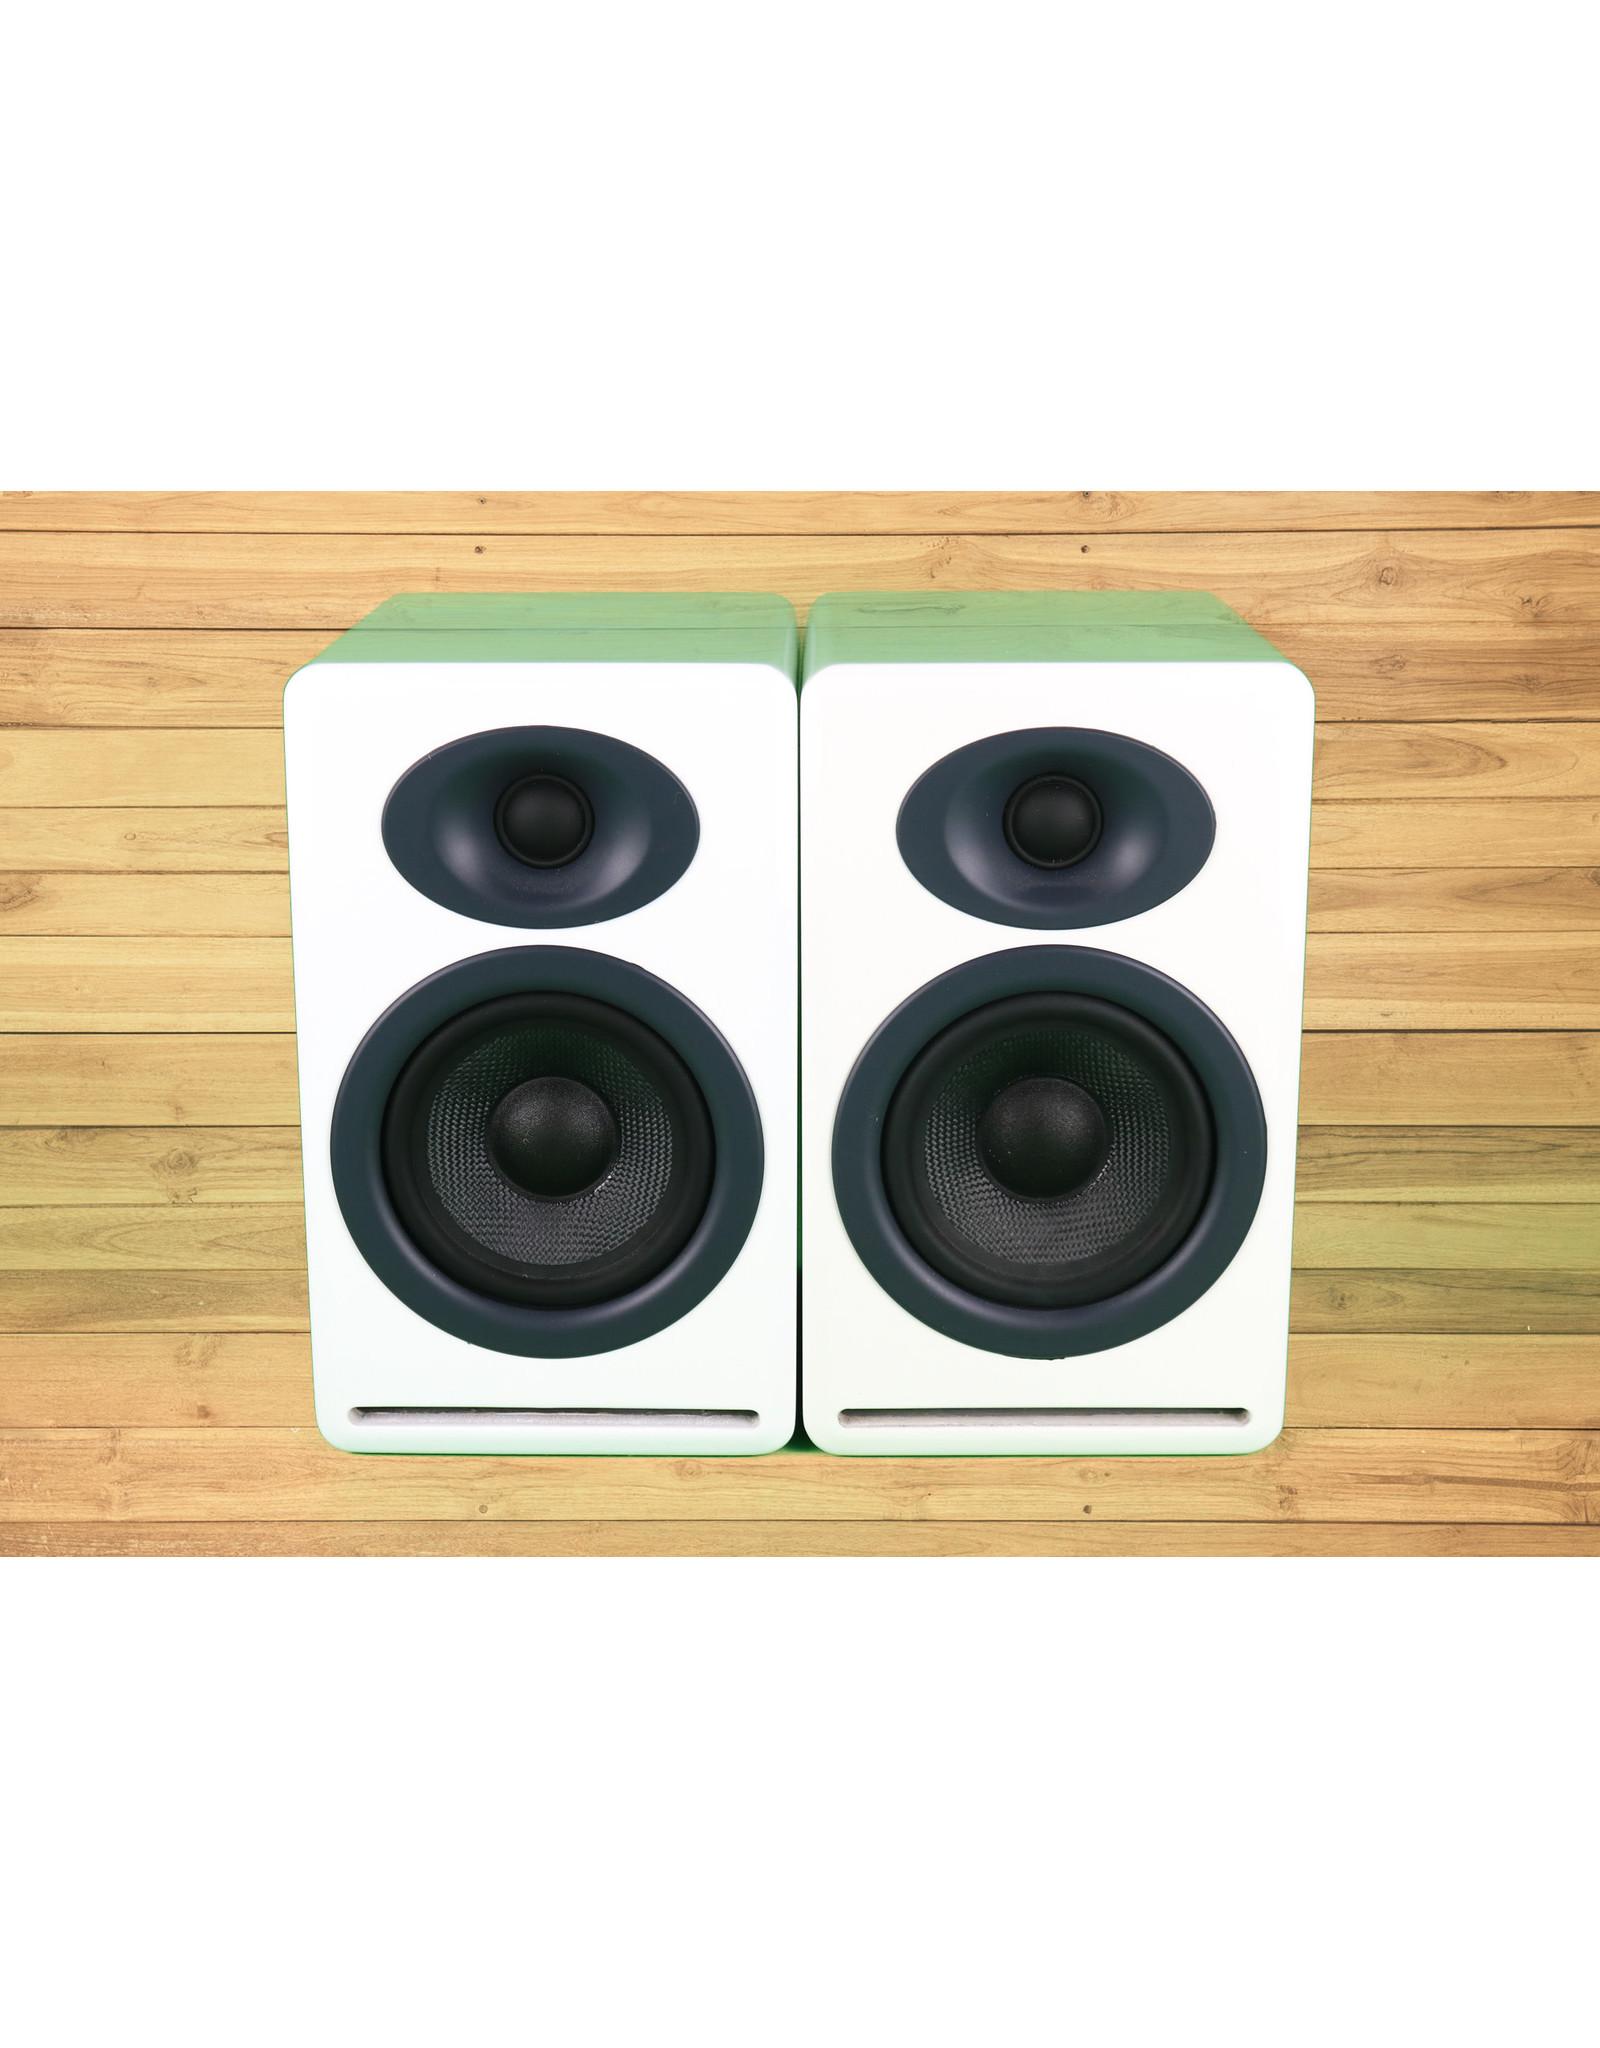 Audioengine Audioengine P4 Bookshelf Speakers USED